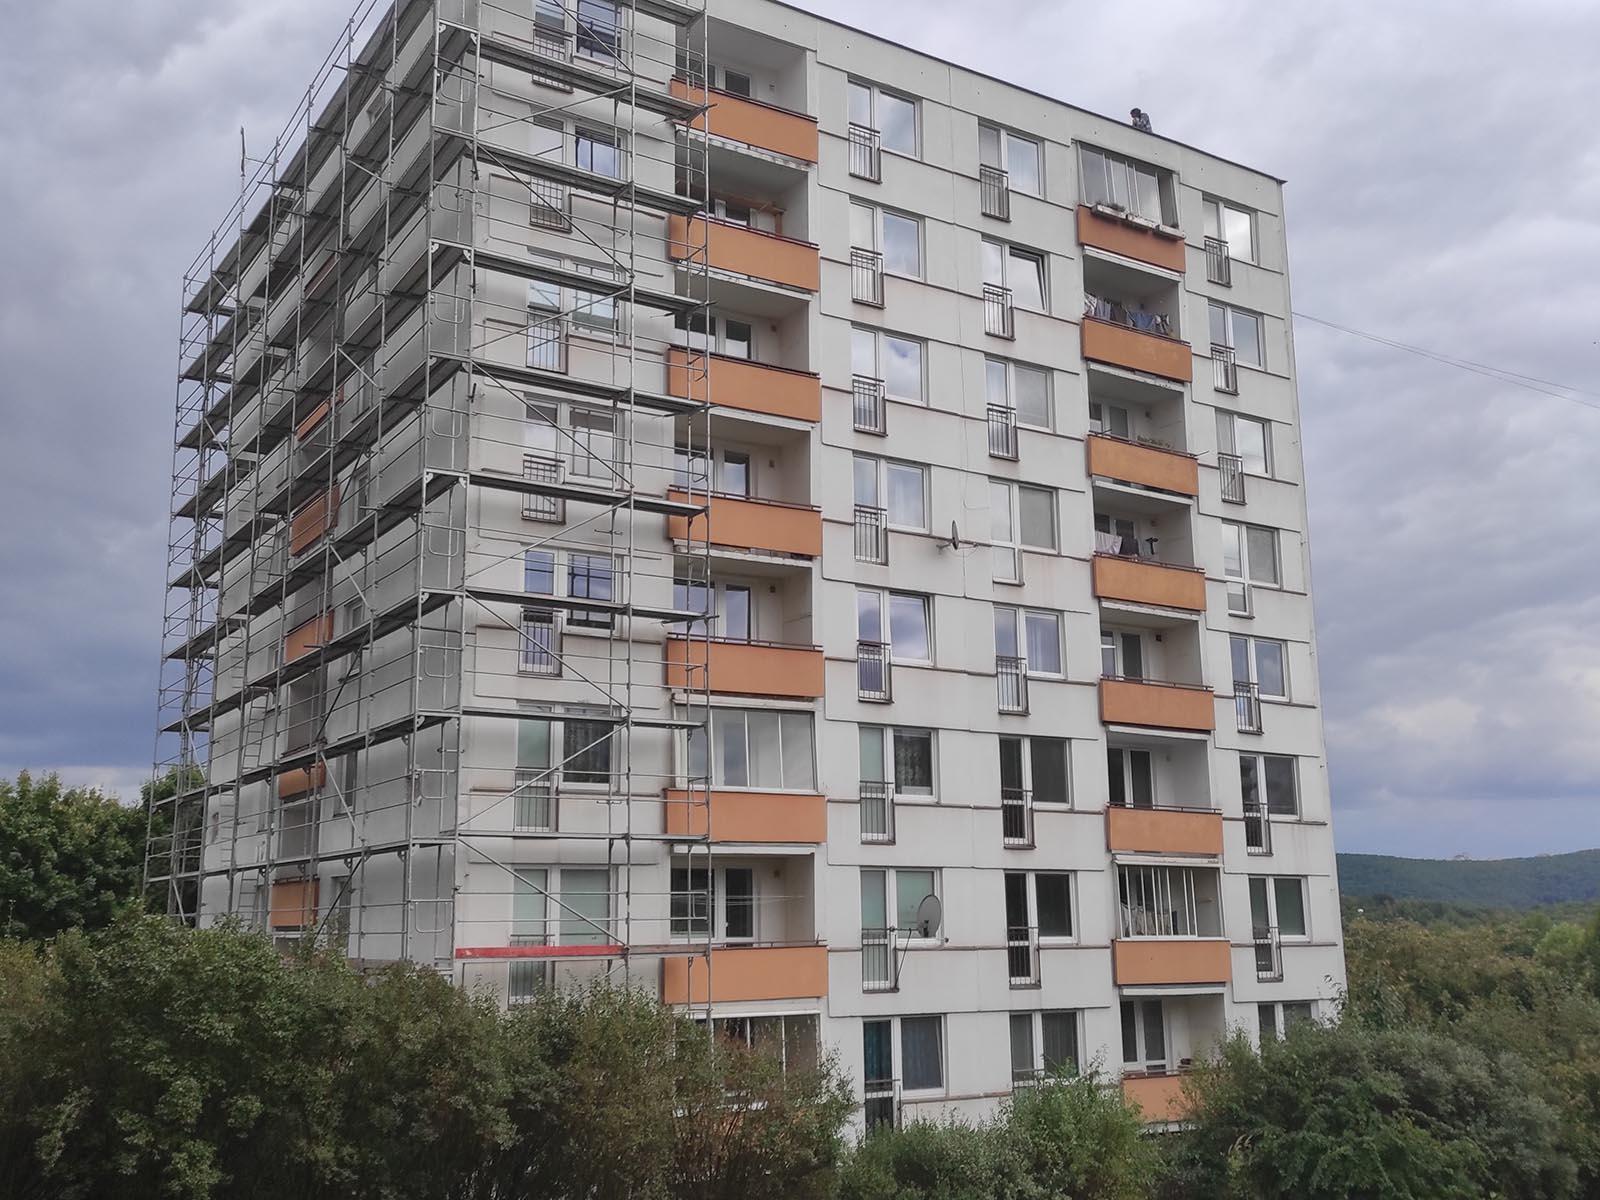 Kuršova 1, Brno